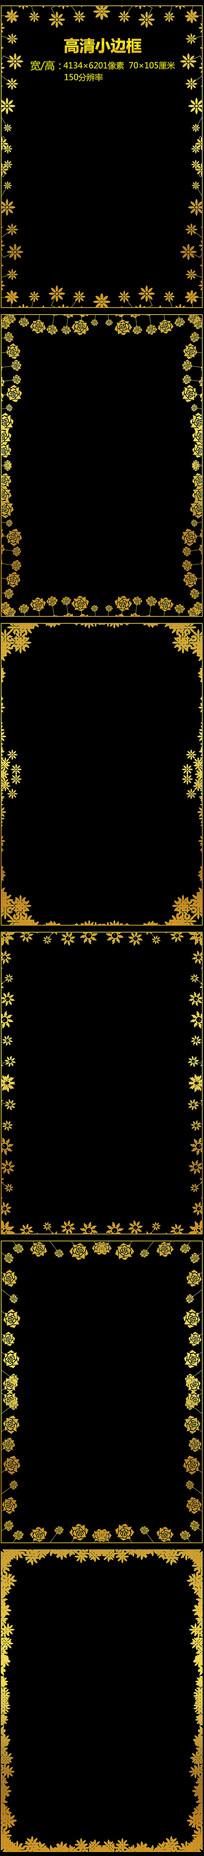 金色花边花纹边框设计